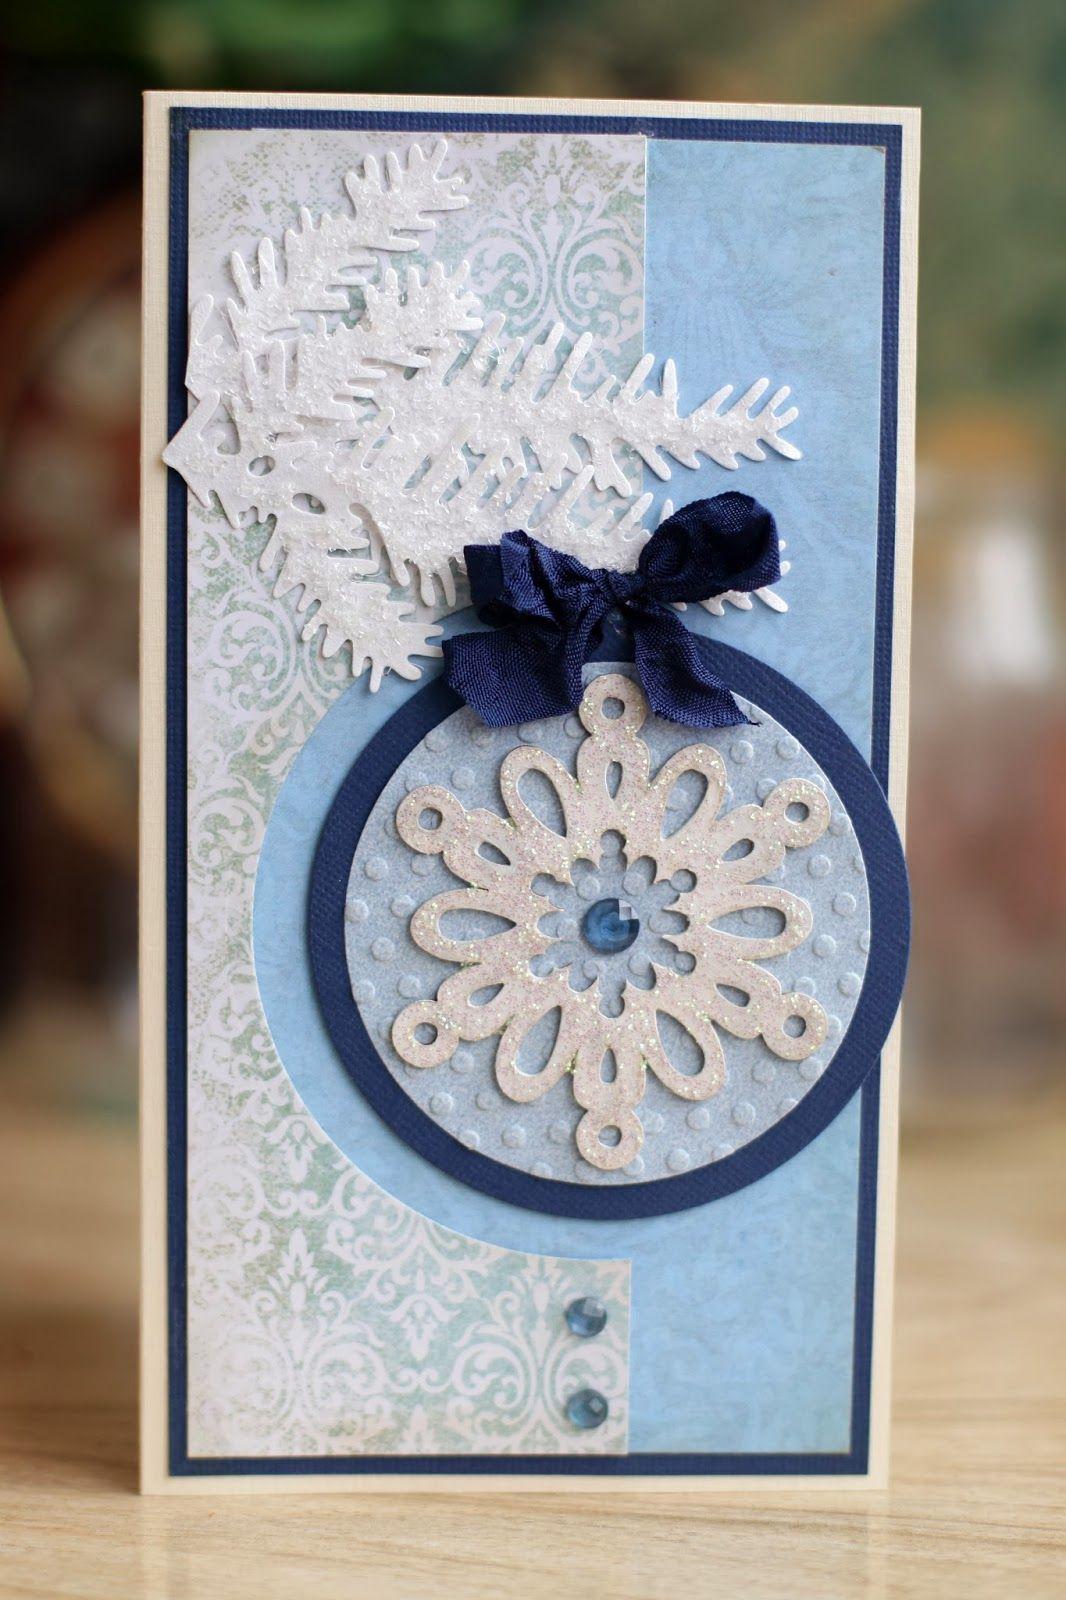 открытки в стиле скрапбукинг своими руками пошагово к новому году